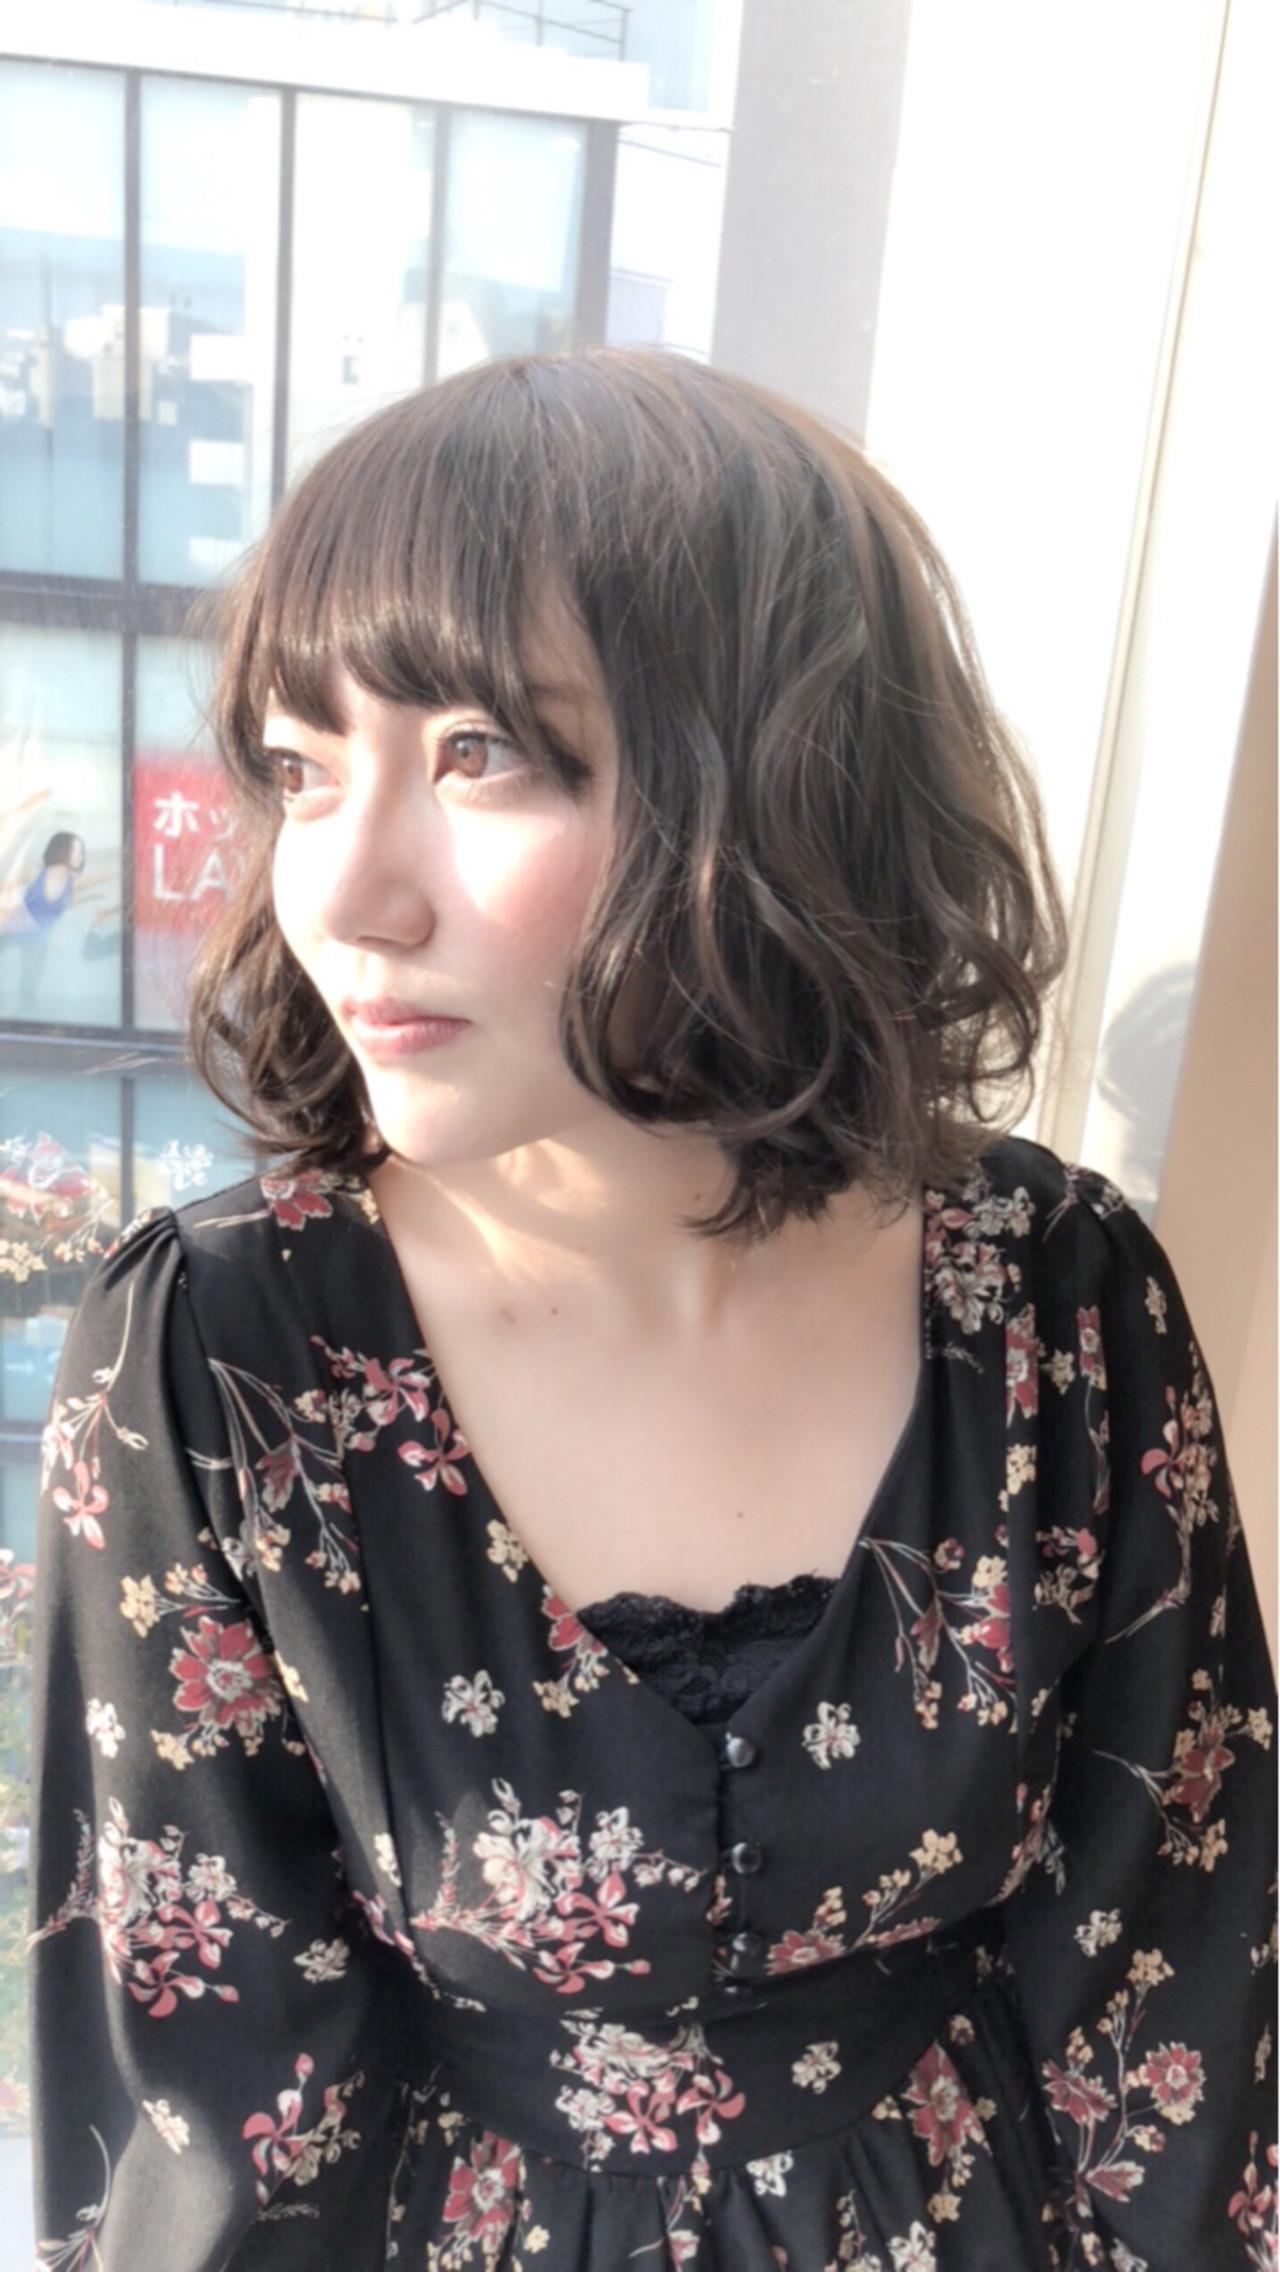 ワンレンボブ×ミックス巻きでラフ感UP! Hiroki Morita | Afinar